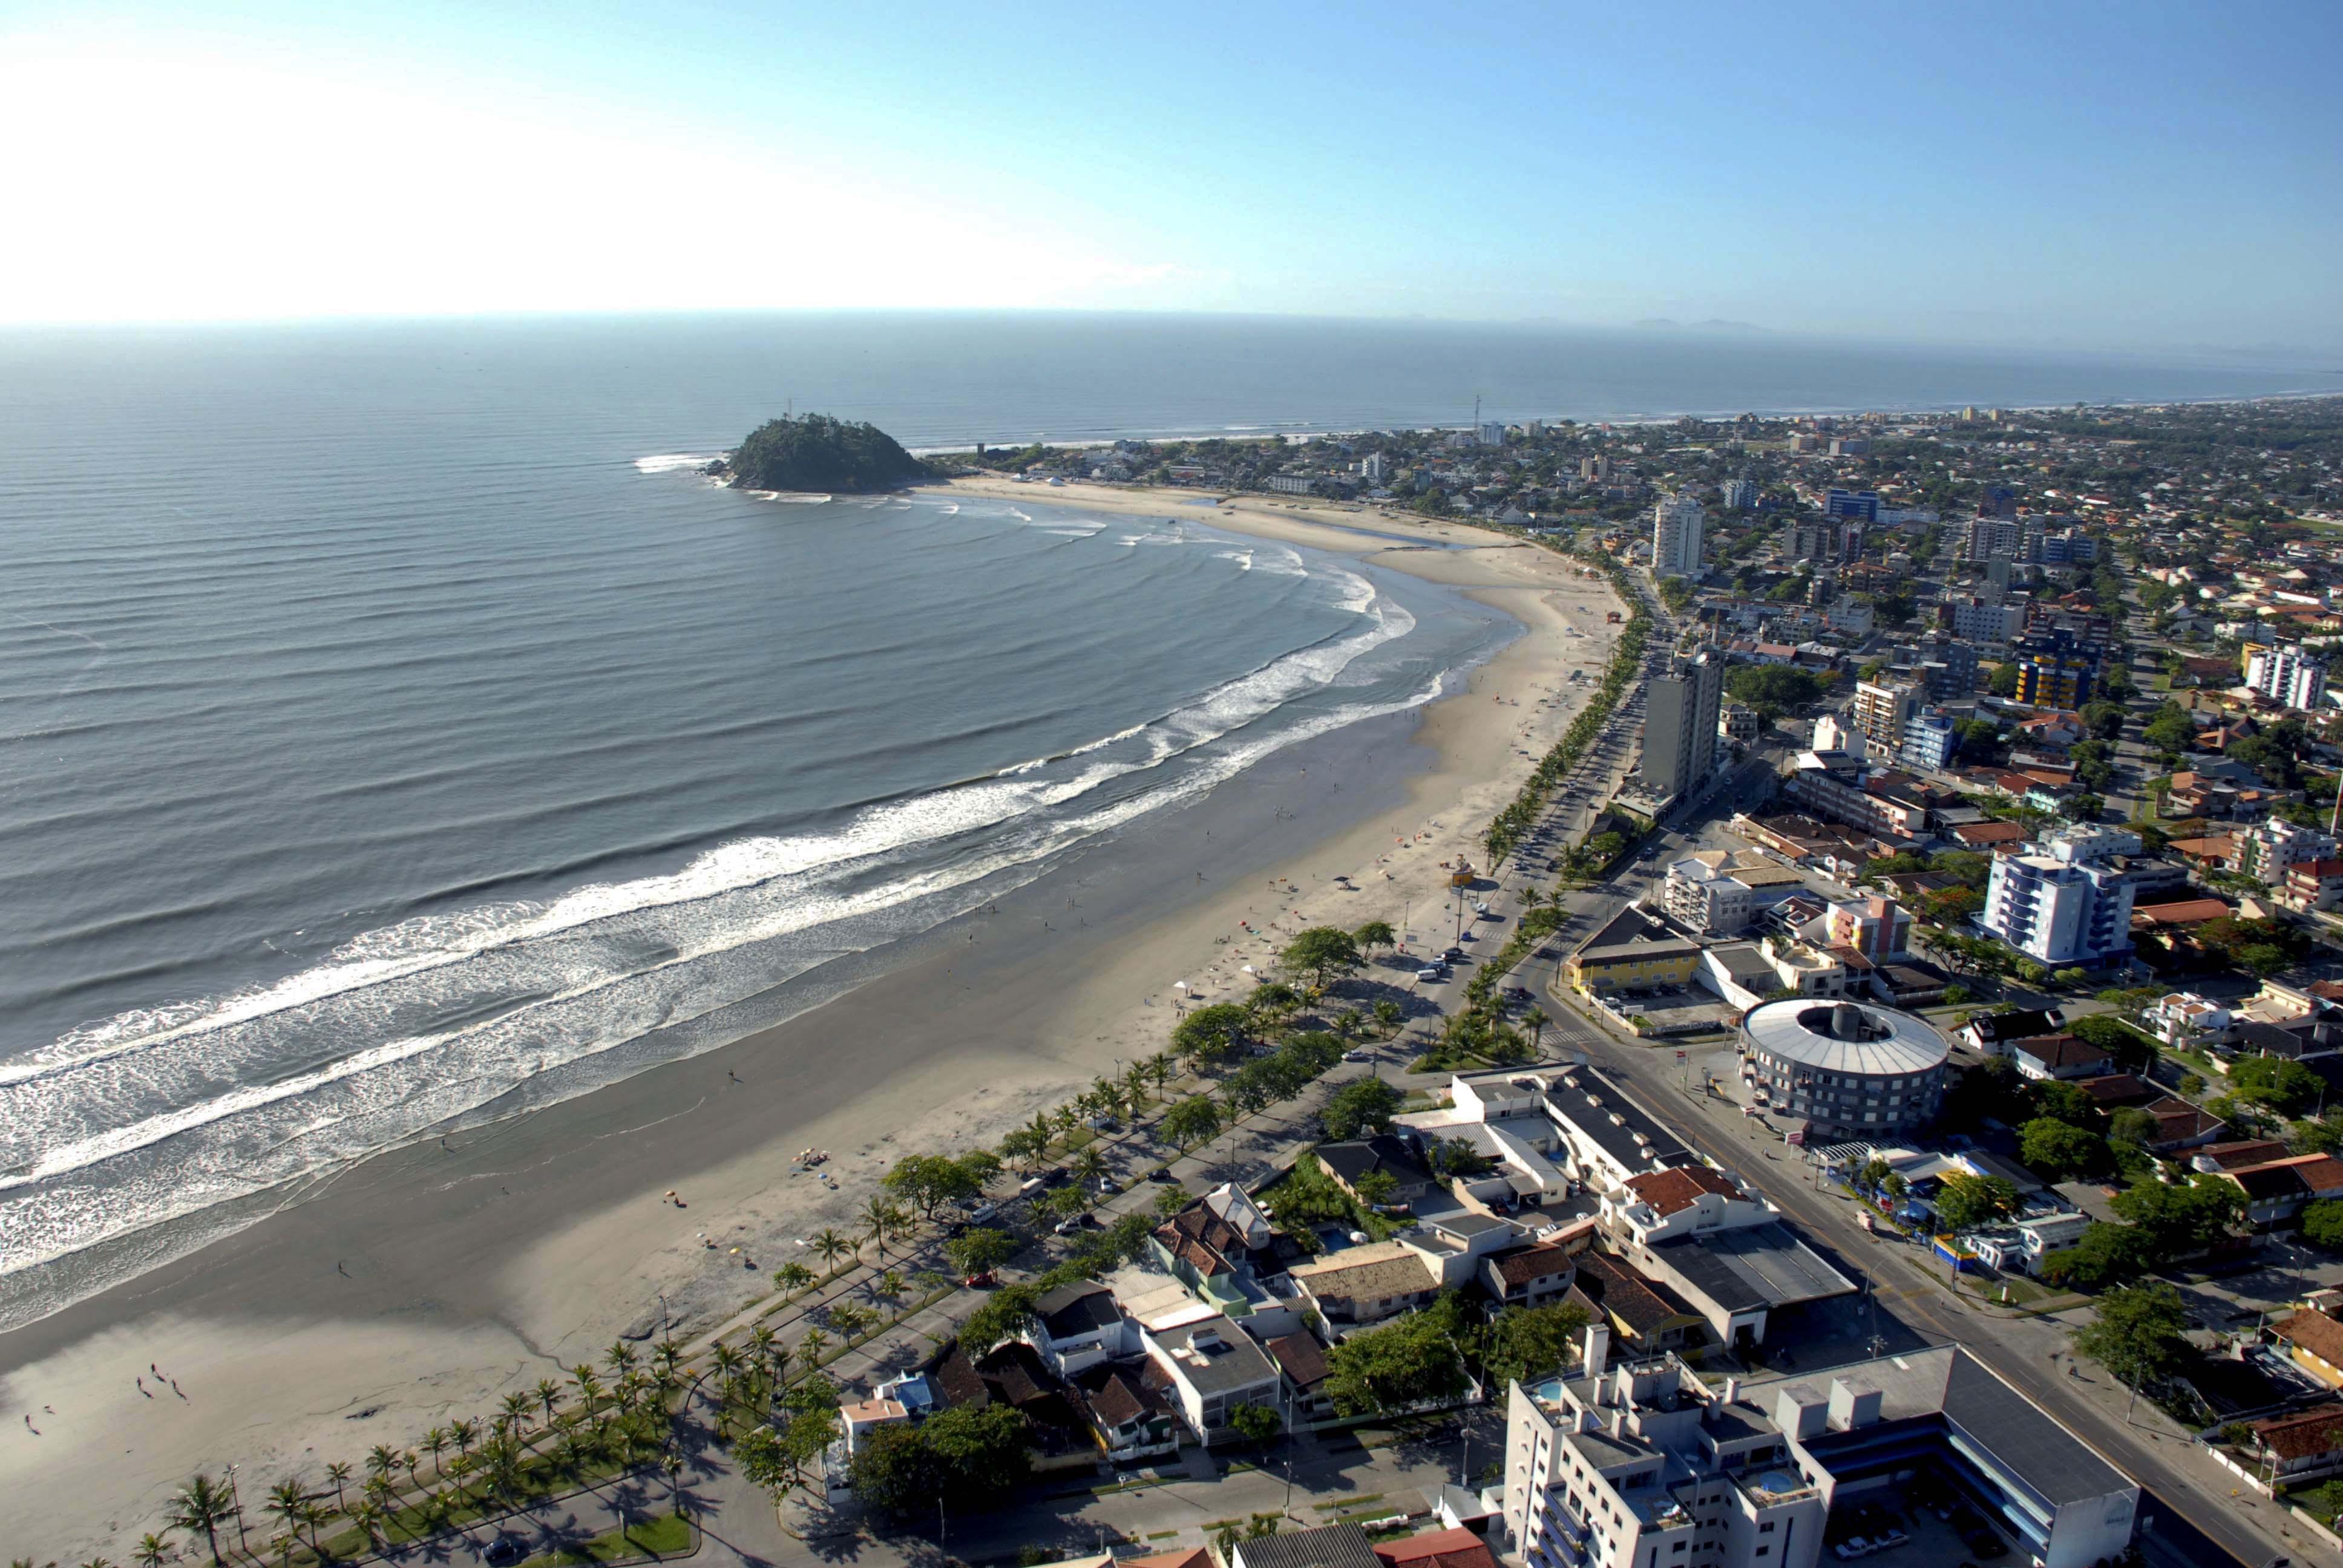 Prefeitura de Guaratuba mantém restrições até 30 de novembro e destaca que pandemia não acabou